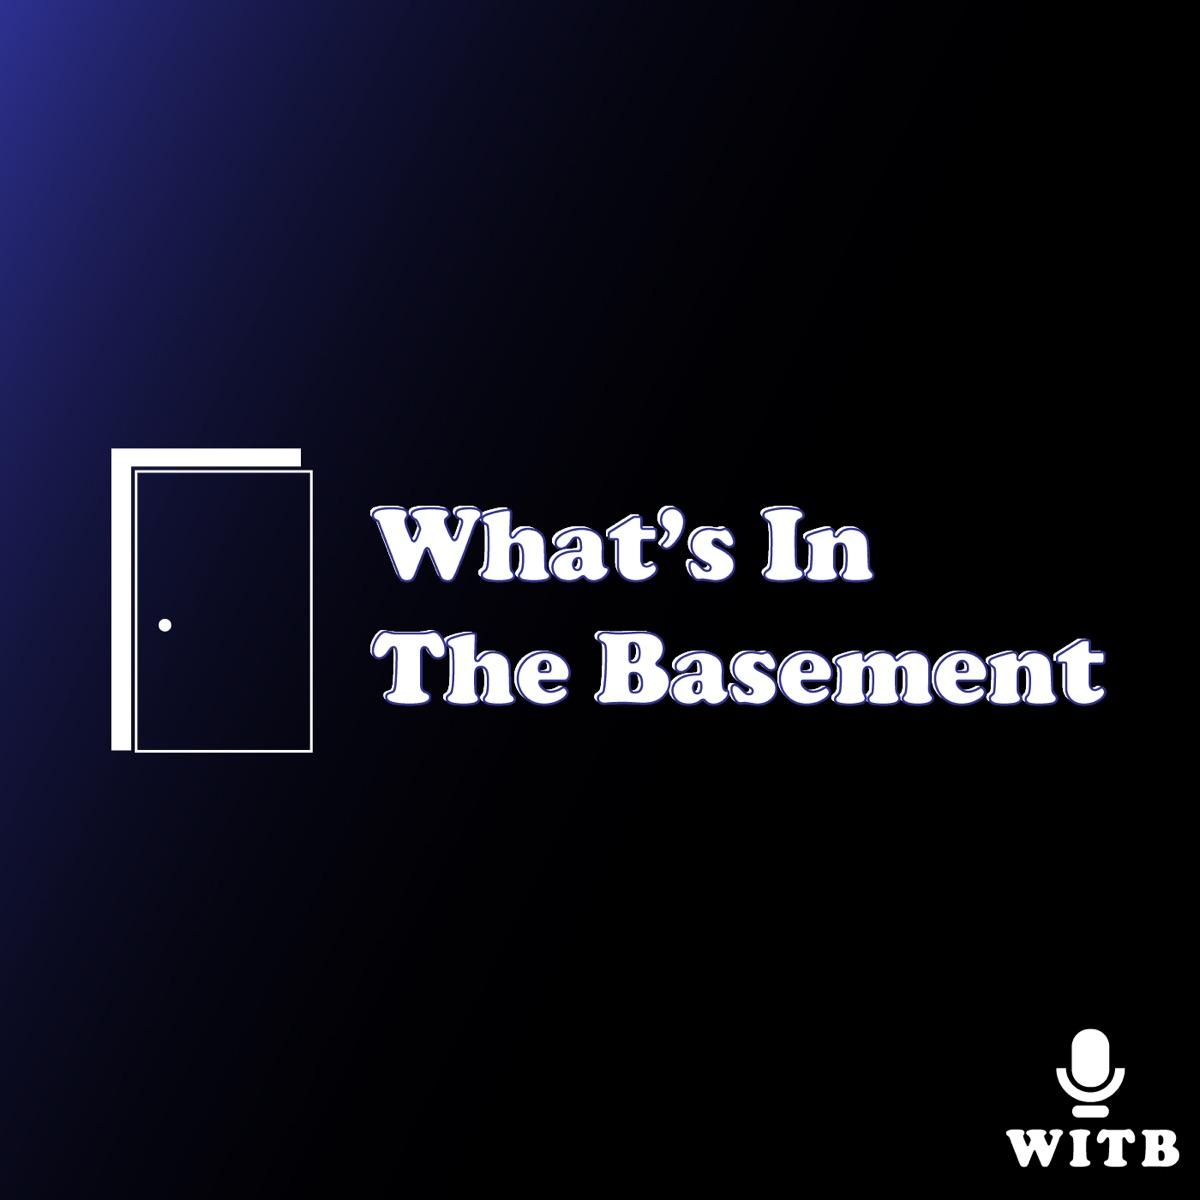 WITB 8: MrBeast's Rocket, Bernie Sanders & Conor McGregor